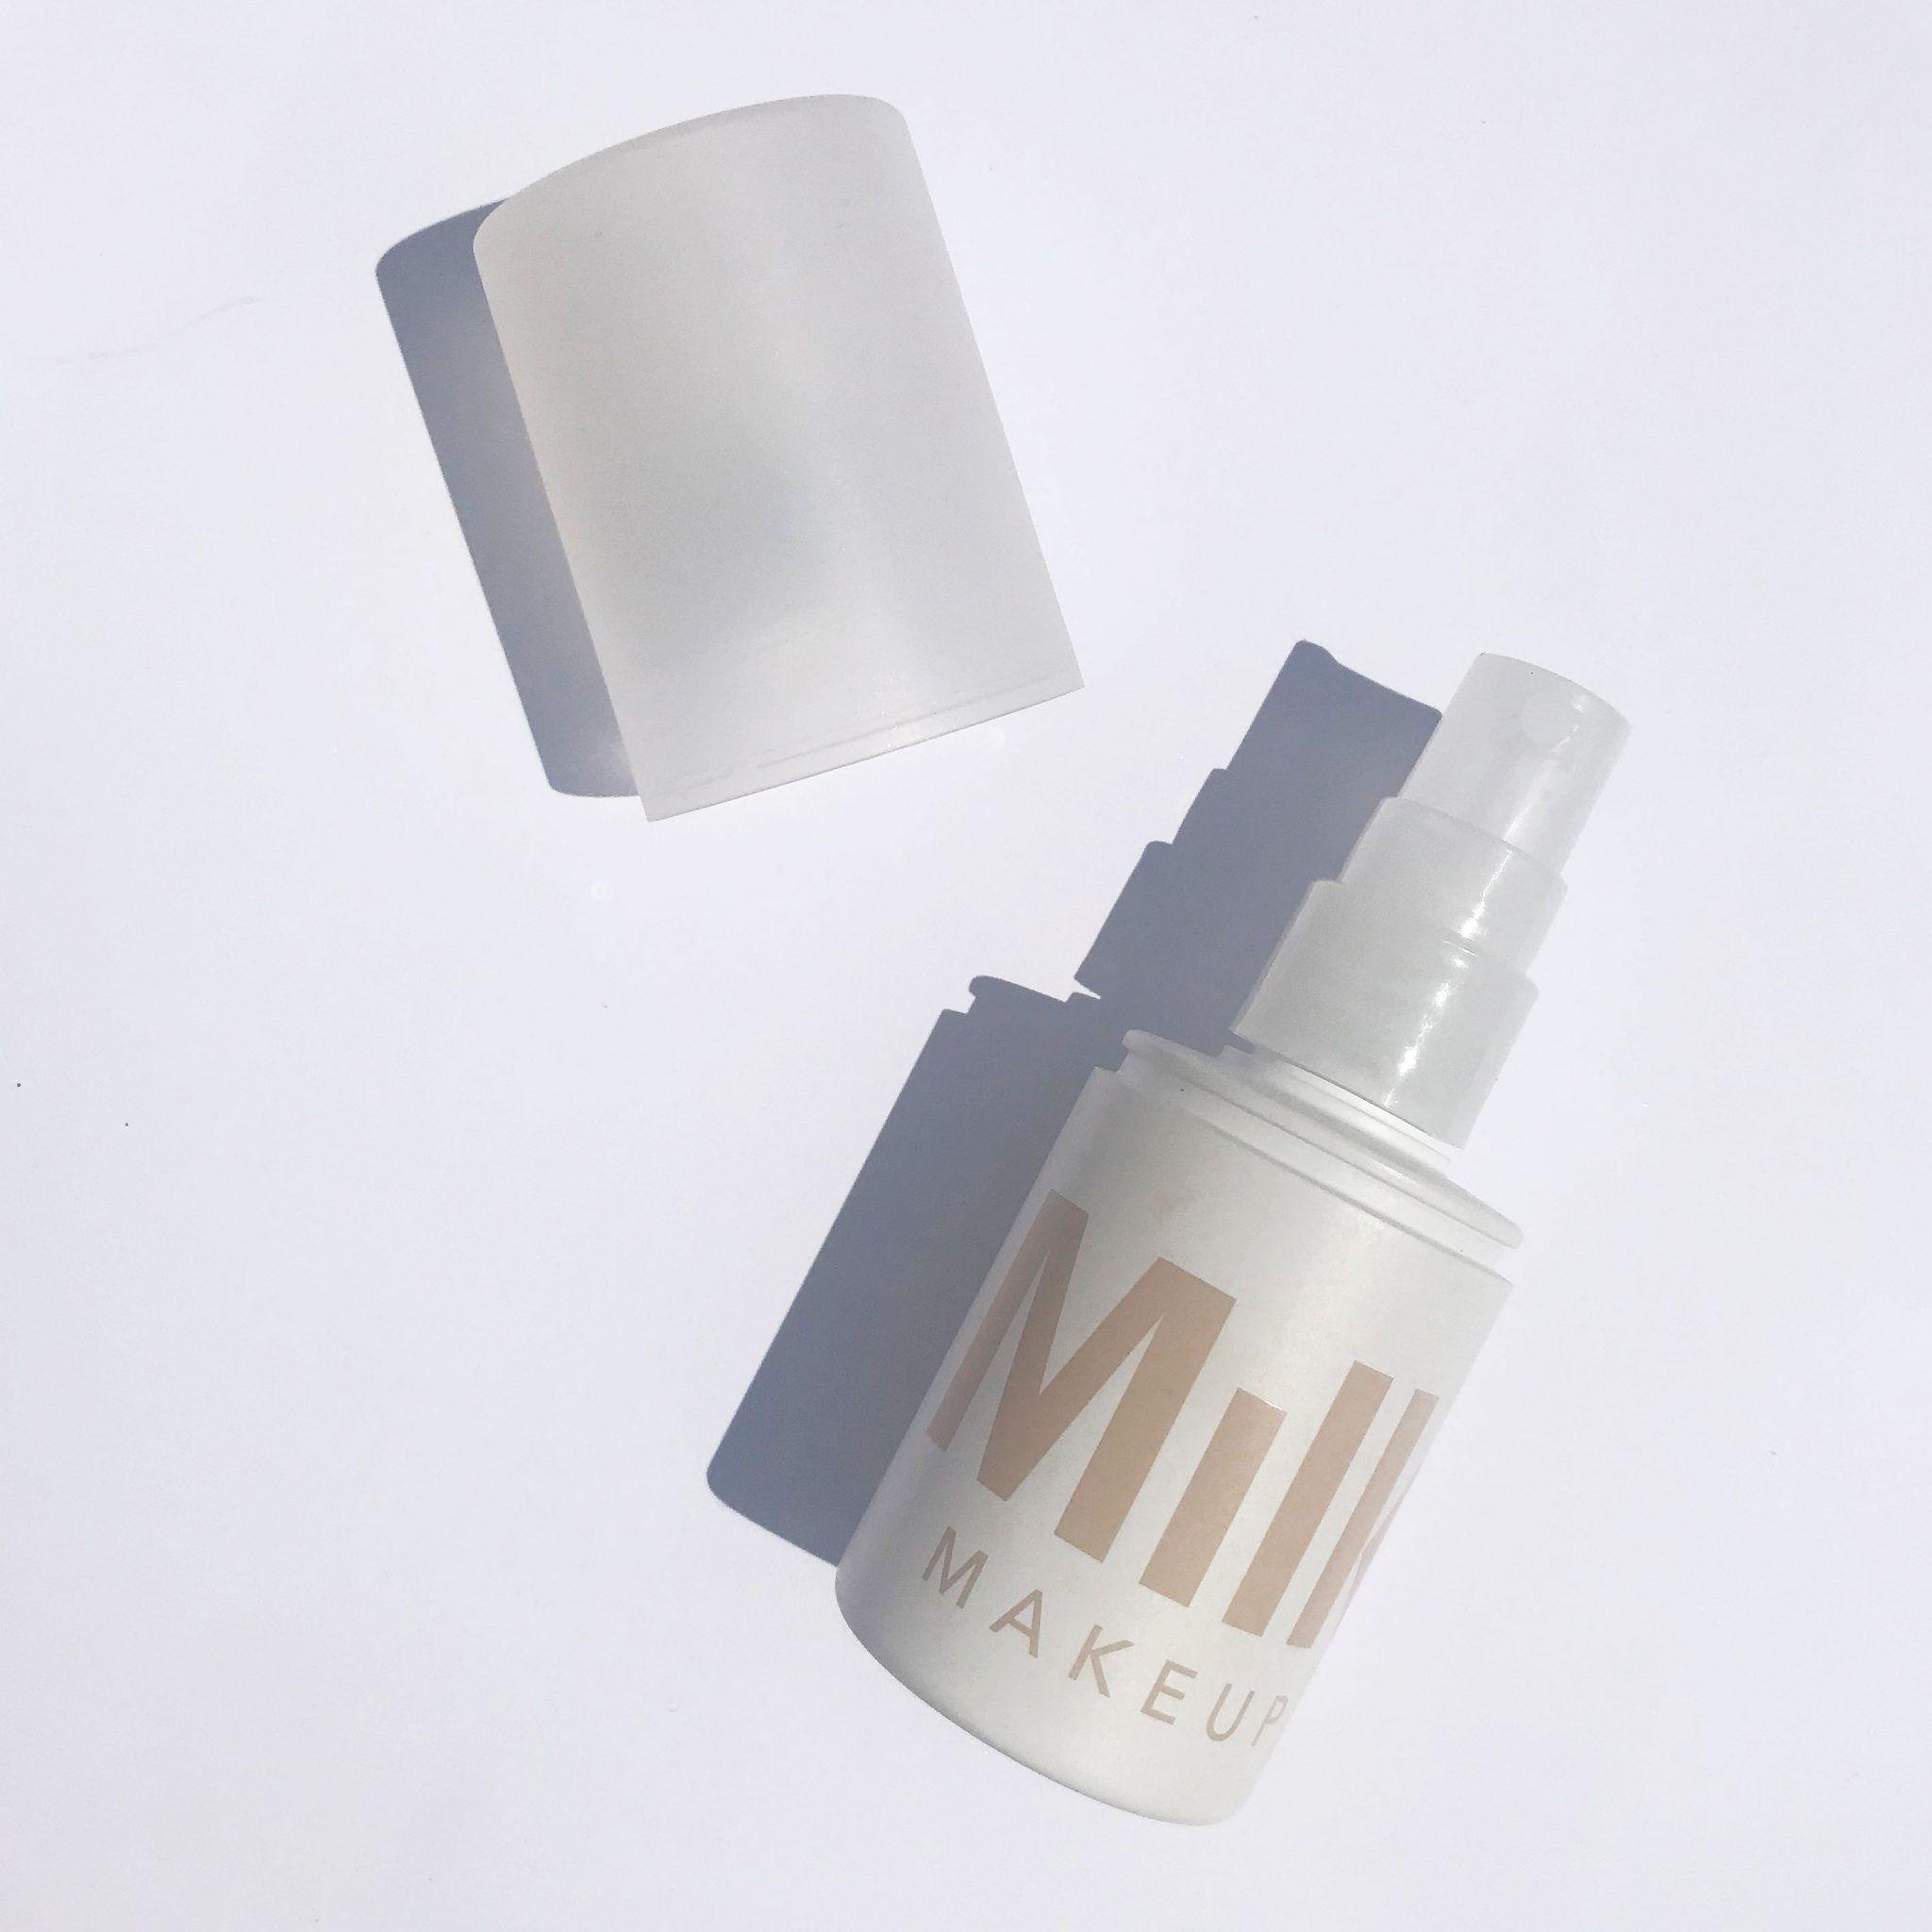 Spray and Glow with Milk Makeup Milk makeup, Holistic